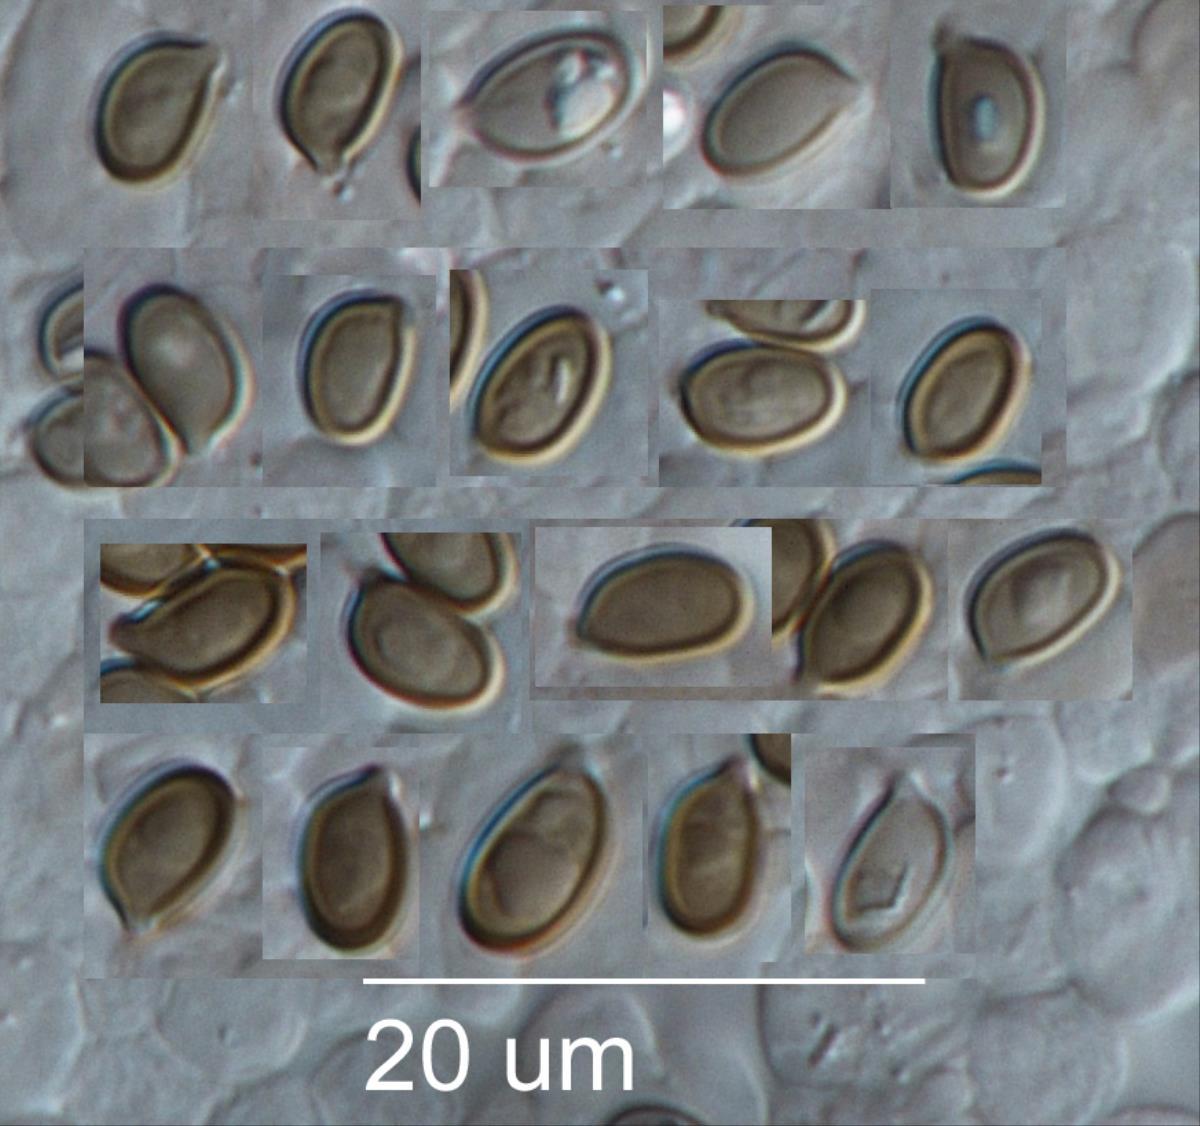 Agaricus dolichopus image